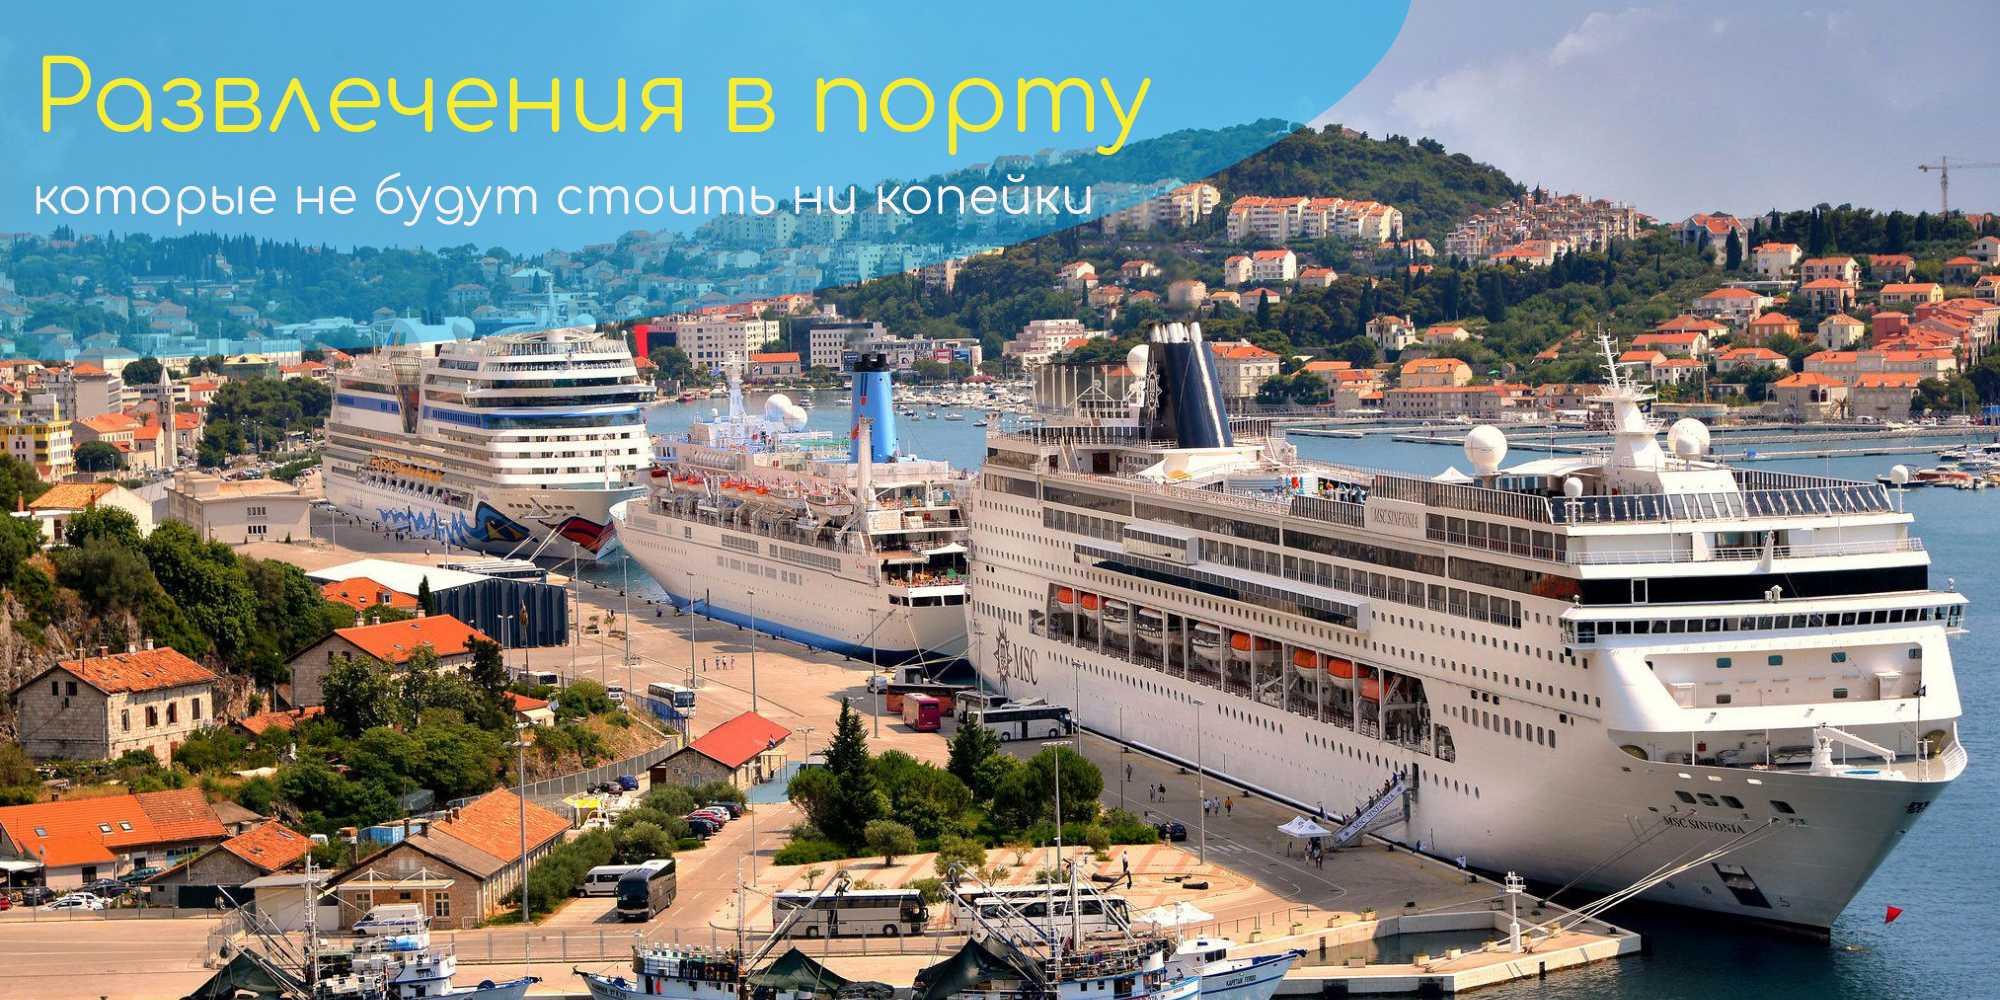 Бесплатные развлечения в порту в круизе: как хорошо отдохнуть и не потратиться